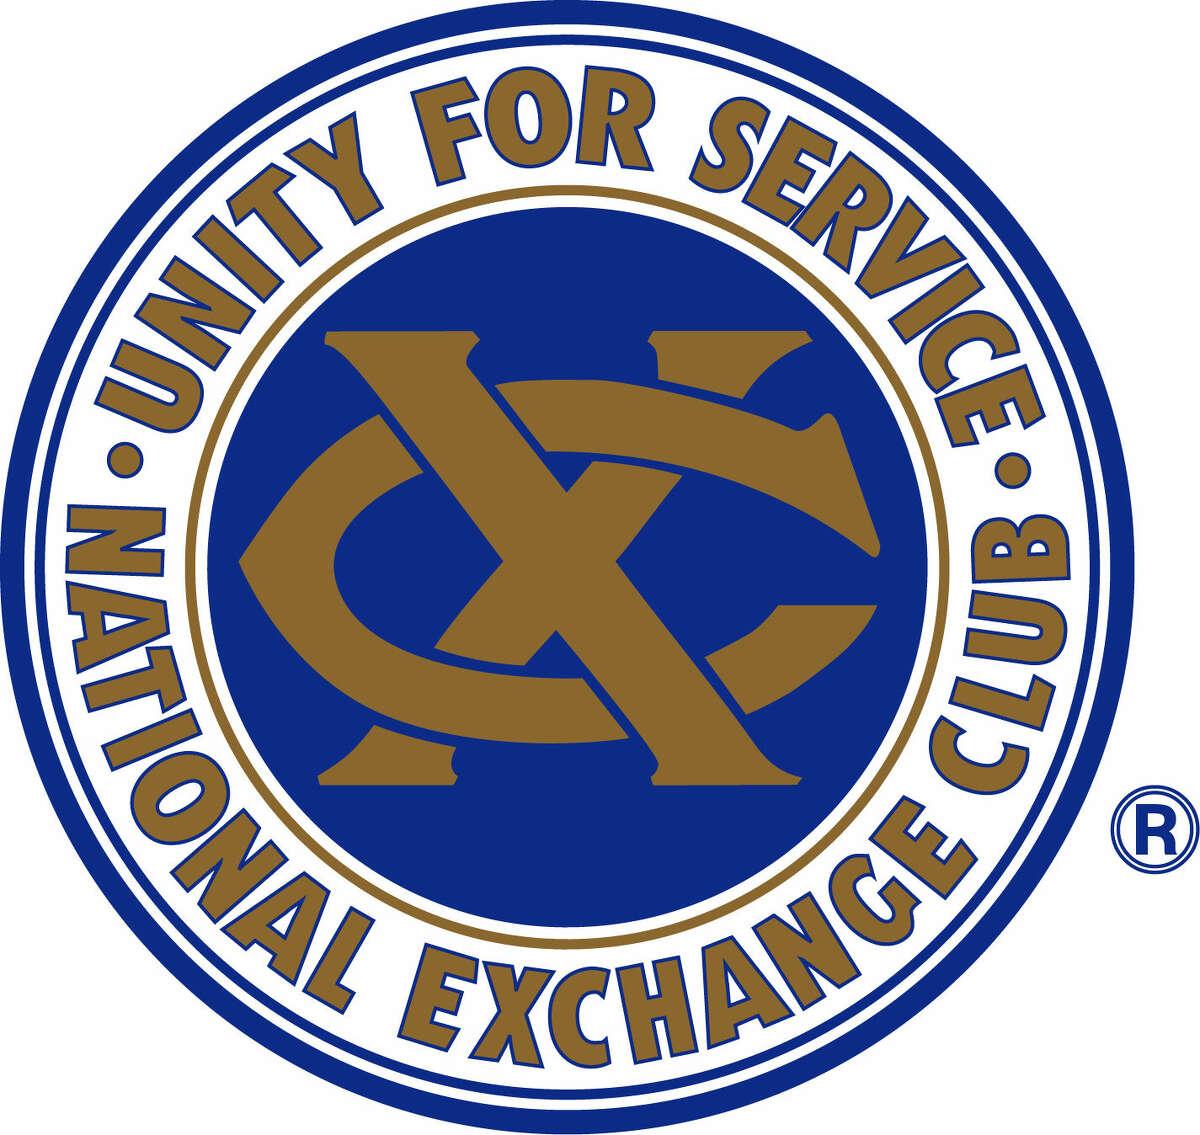 Exchange Club logo